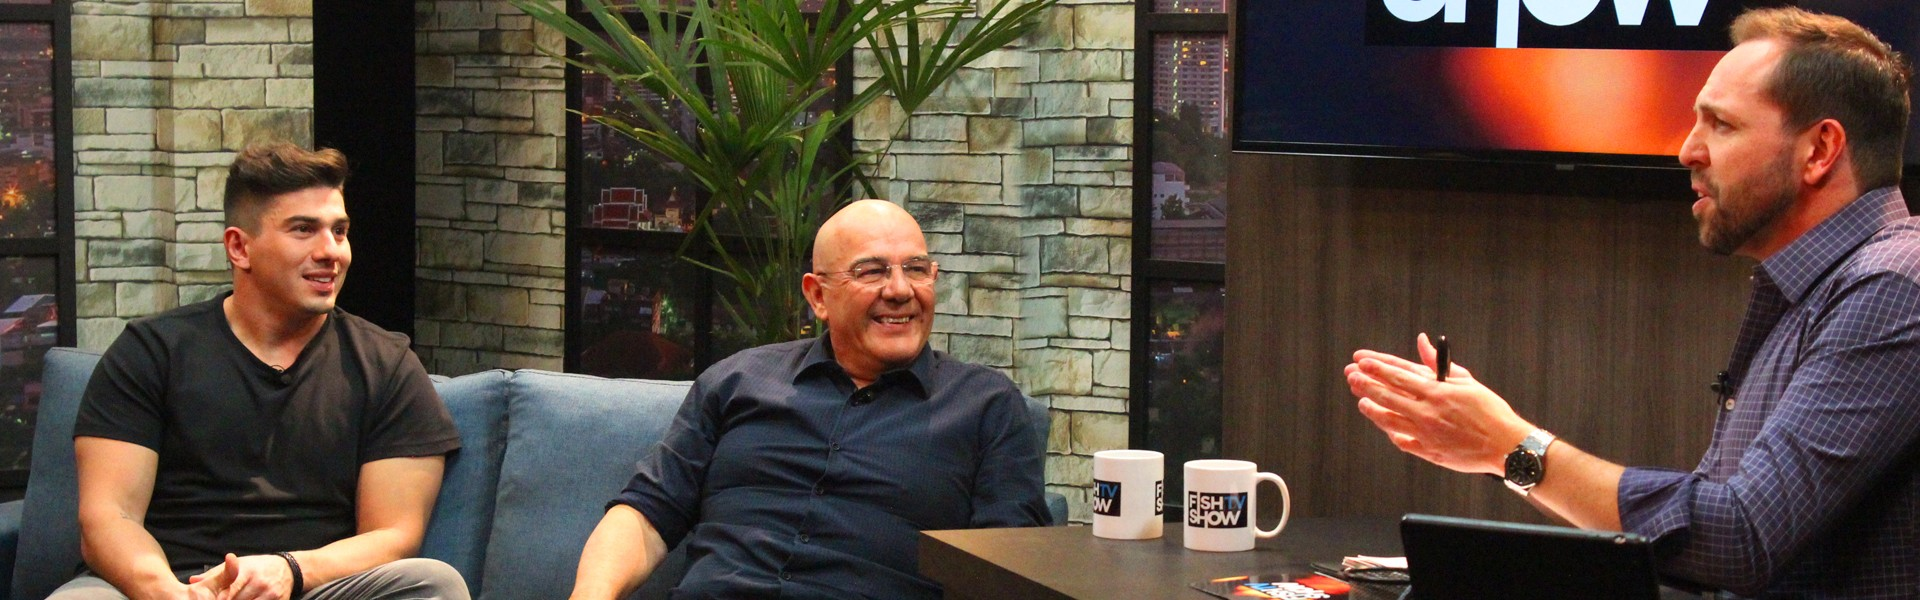 Fundadores da Fish TV, Luiz e Guilherme Motta são os convidados do Fish TV Show da semana